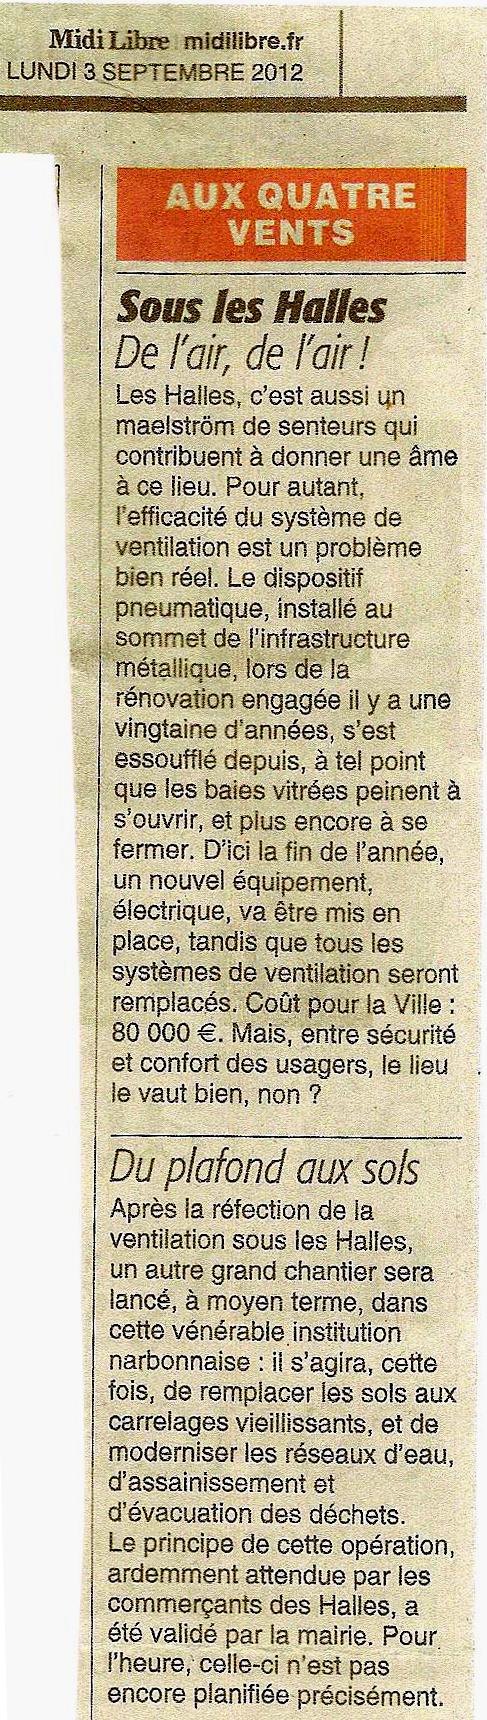 les_halles_de_narbonne_ventilation_mise_aux_normes_midilibre_03-09-12